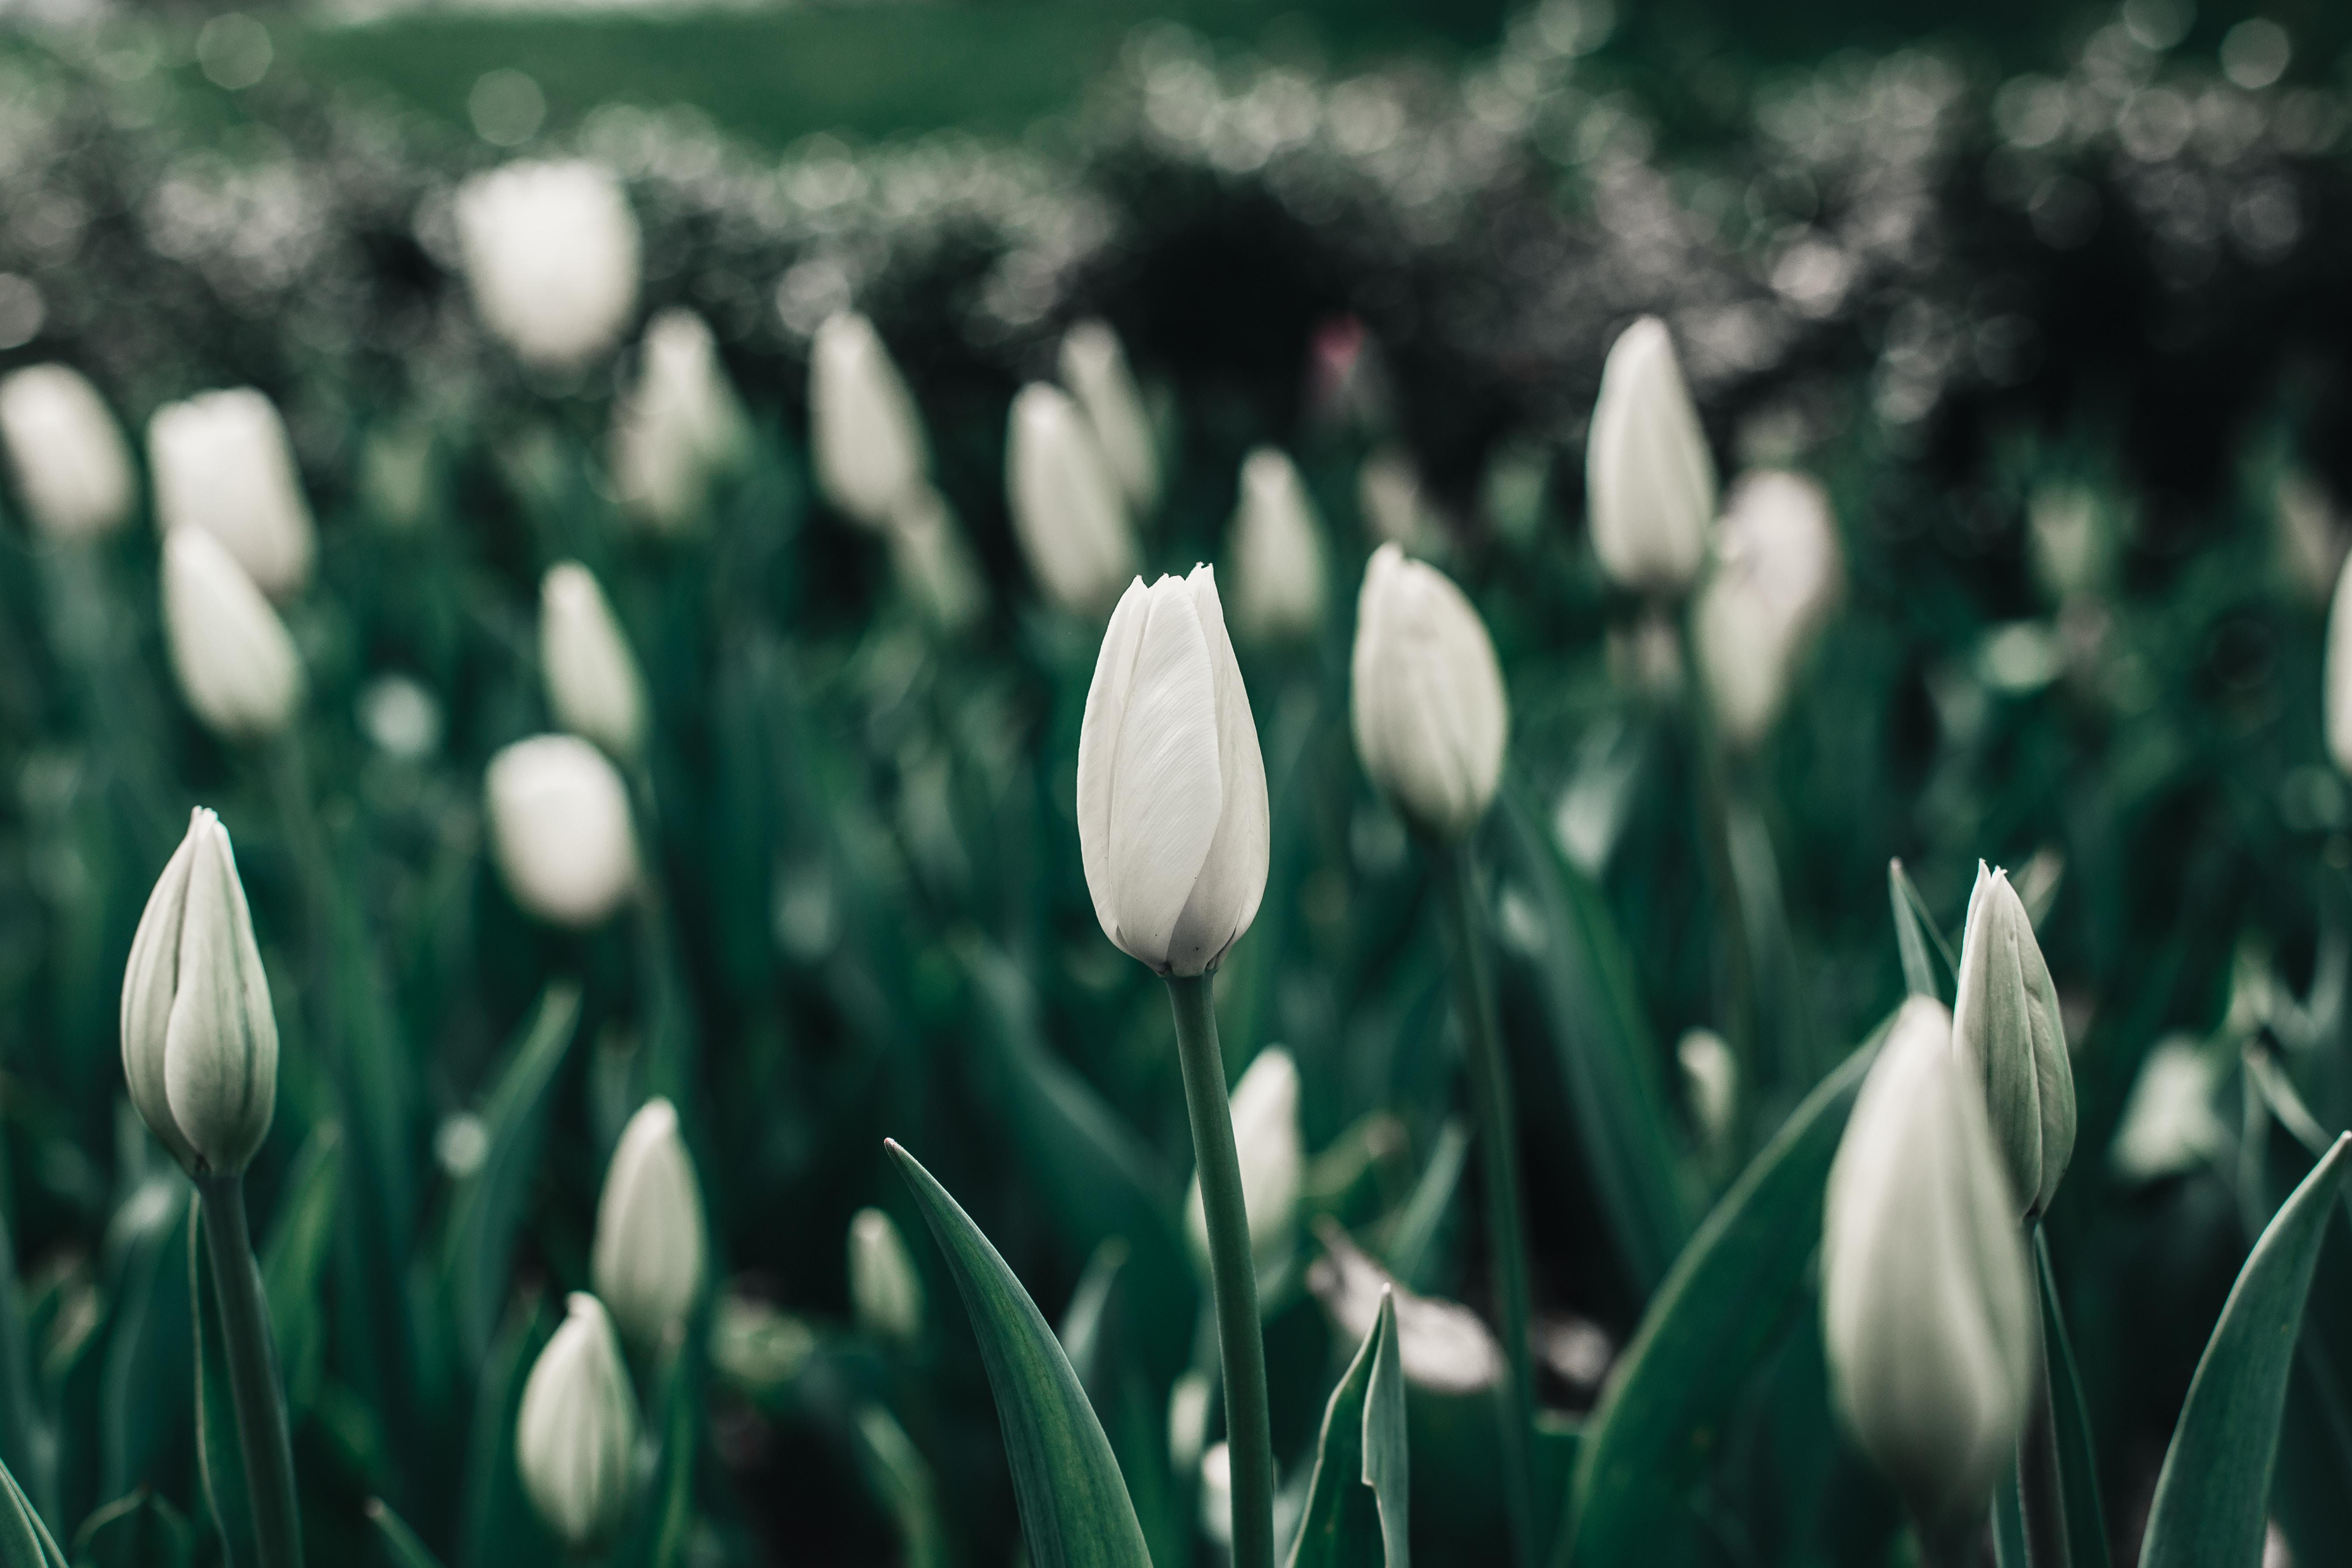 132422 Hintergrundbild herunterladen Tulpen, Blumen, Blumenbeet, Frühling, Blüht, Blüten - Bildschirmschoner und Bilder kostenlos